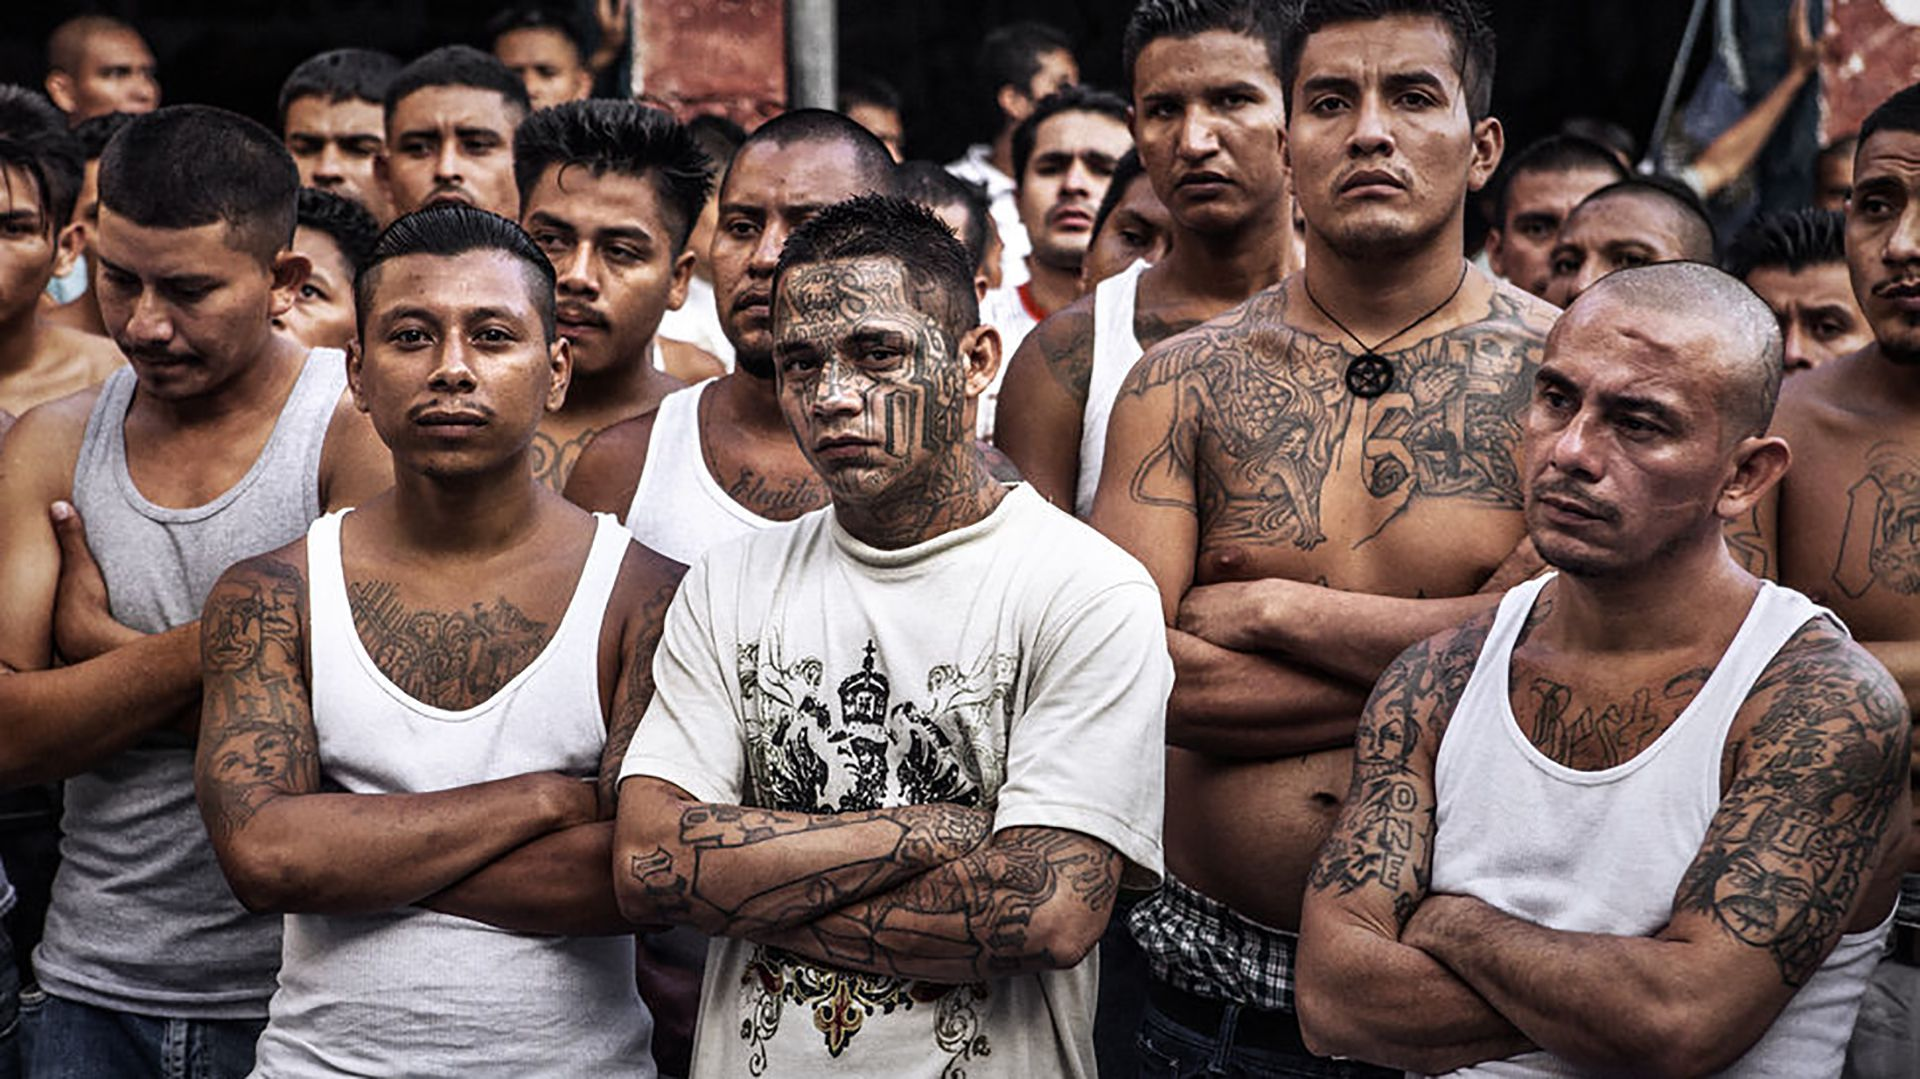 Las maras criminales son un problema grave en El Salvador. Bukele prometió combatirlas pero a ha negociado pactos de convivencia con ellas (EFE)